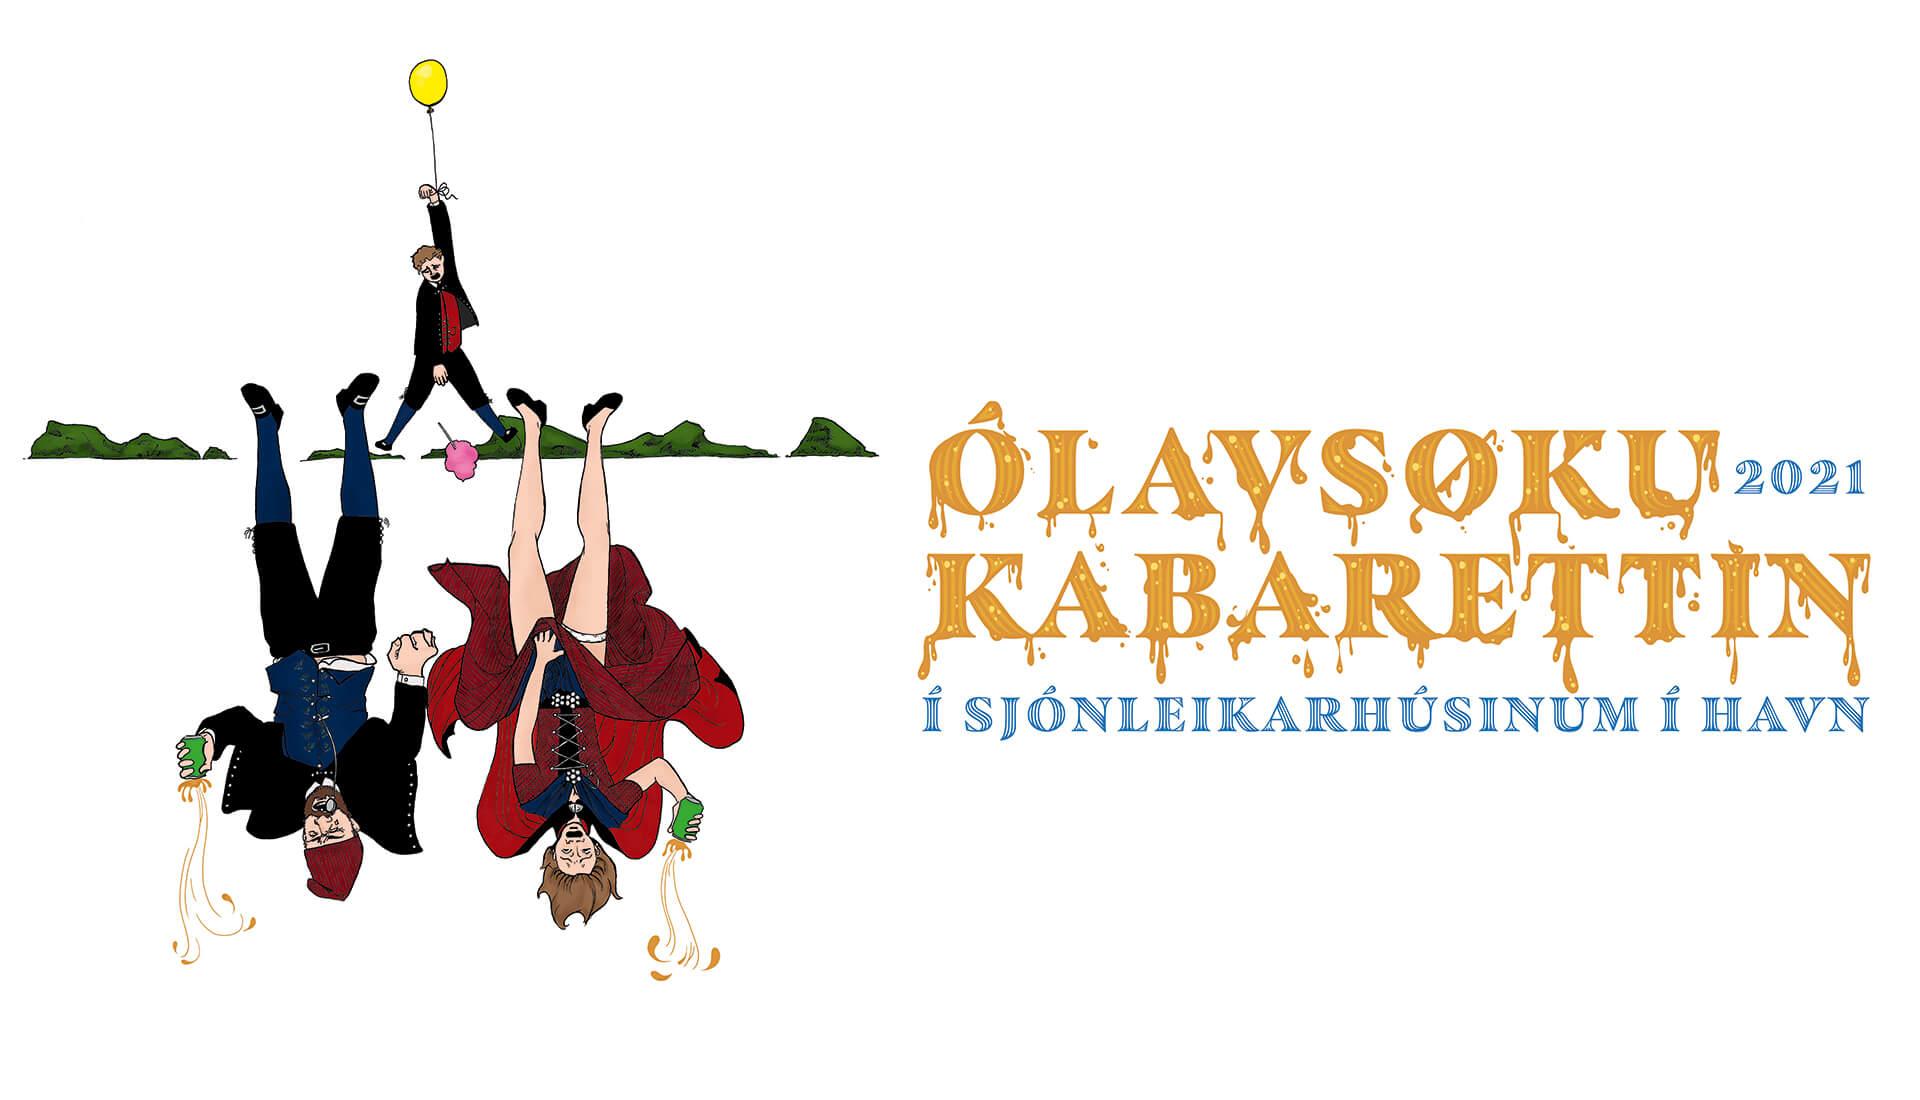 Ólavsøkukabarettin